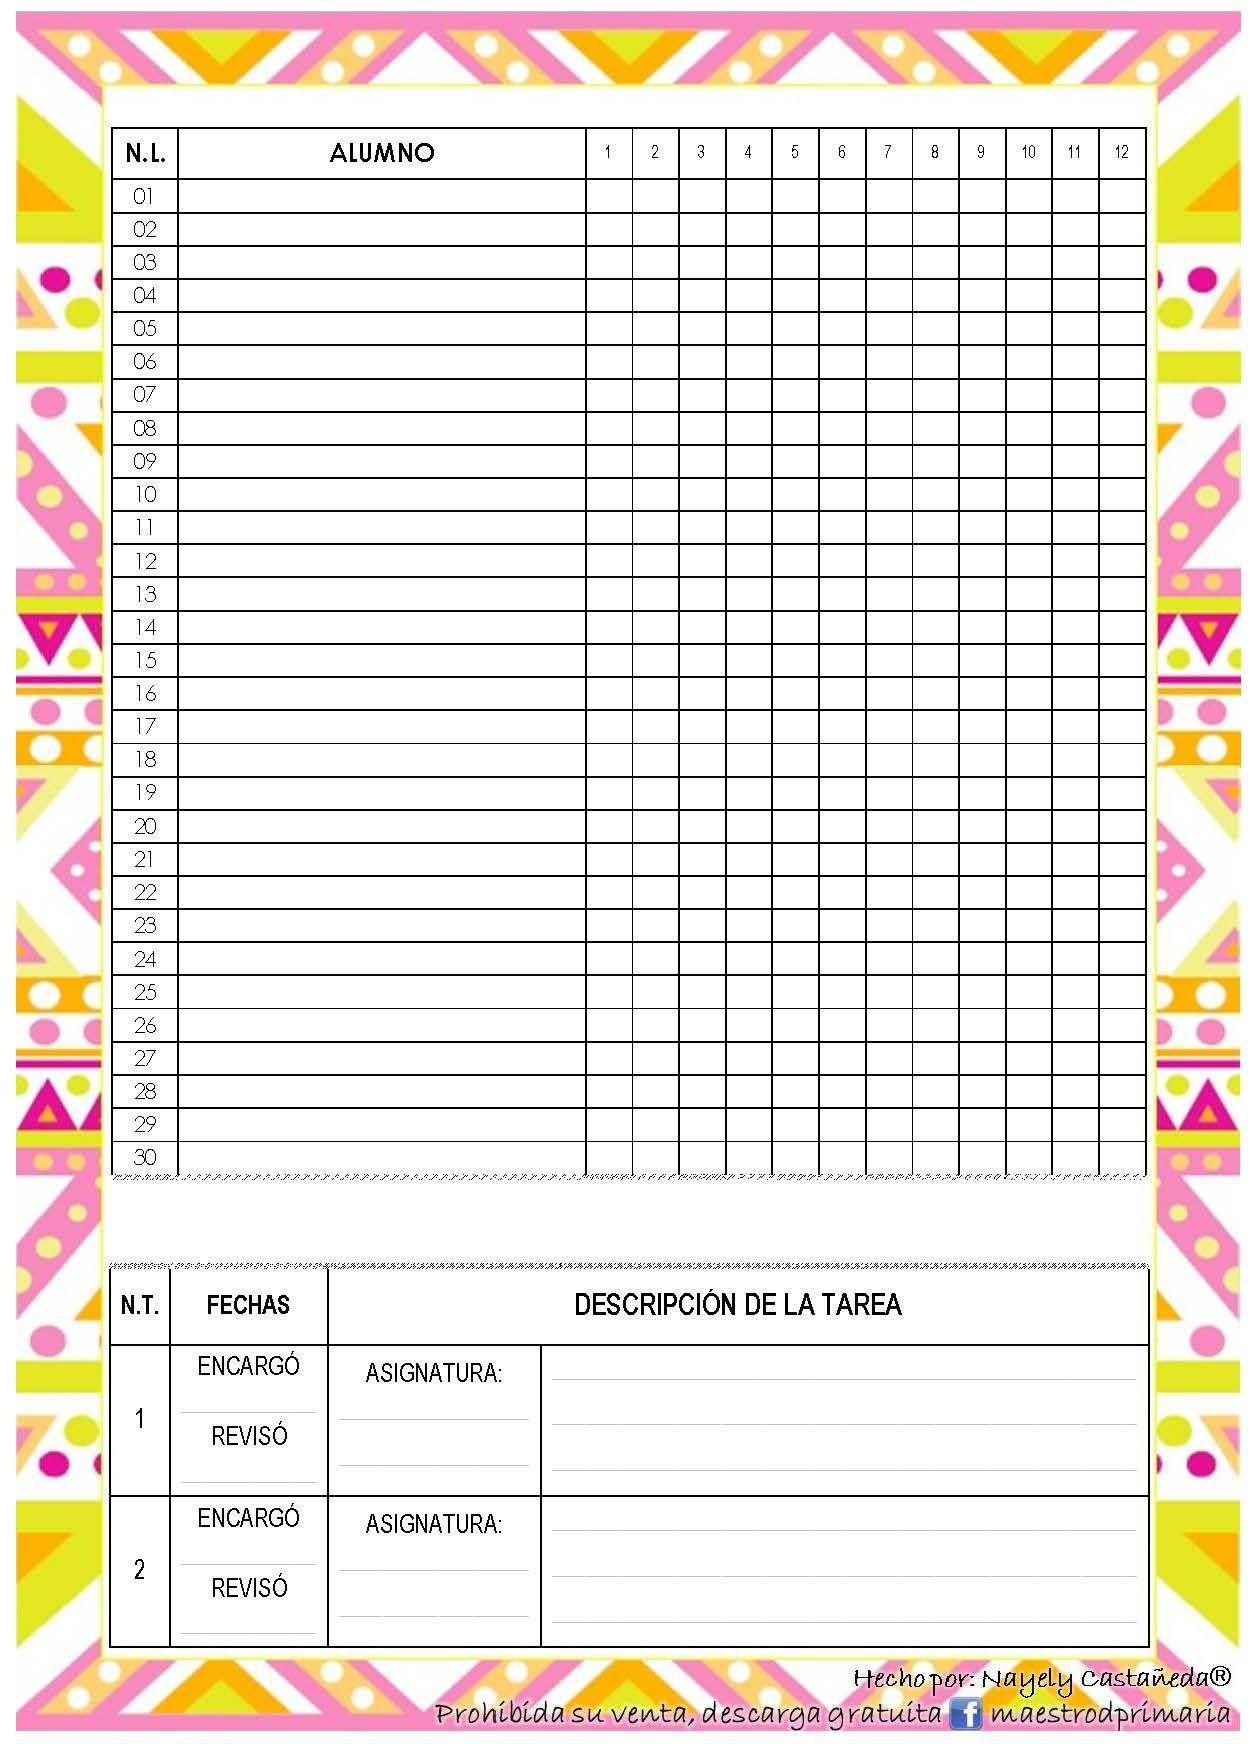 Relacionado Ficha De Observacion Carpeta Del Profesor Agendas Formato lista de asistencia escolar